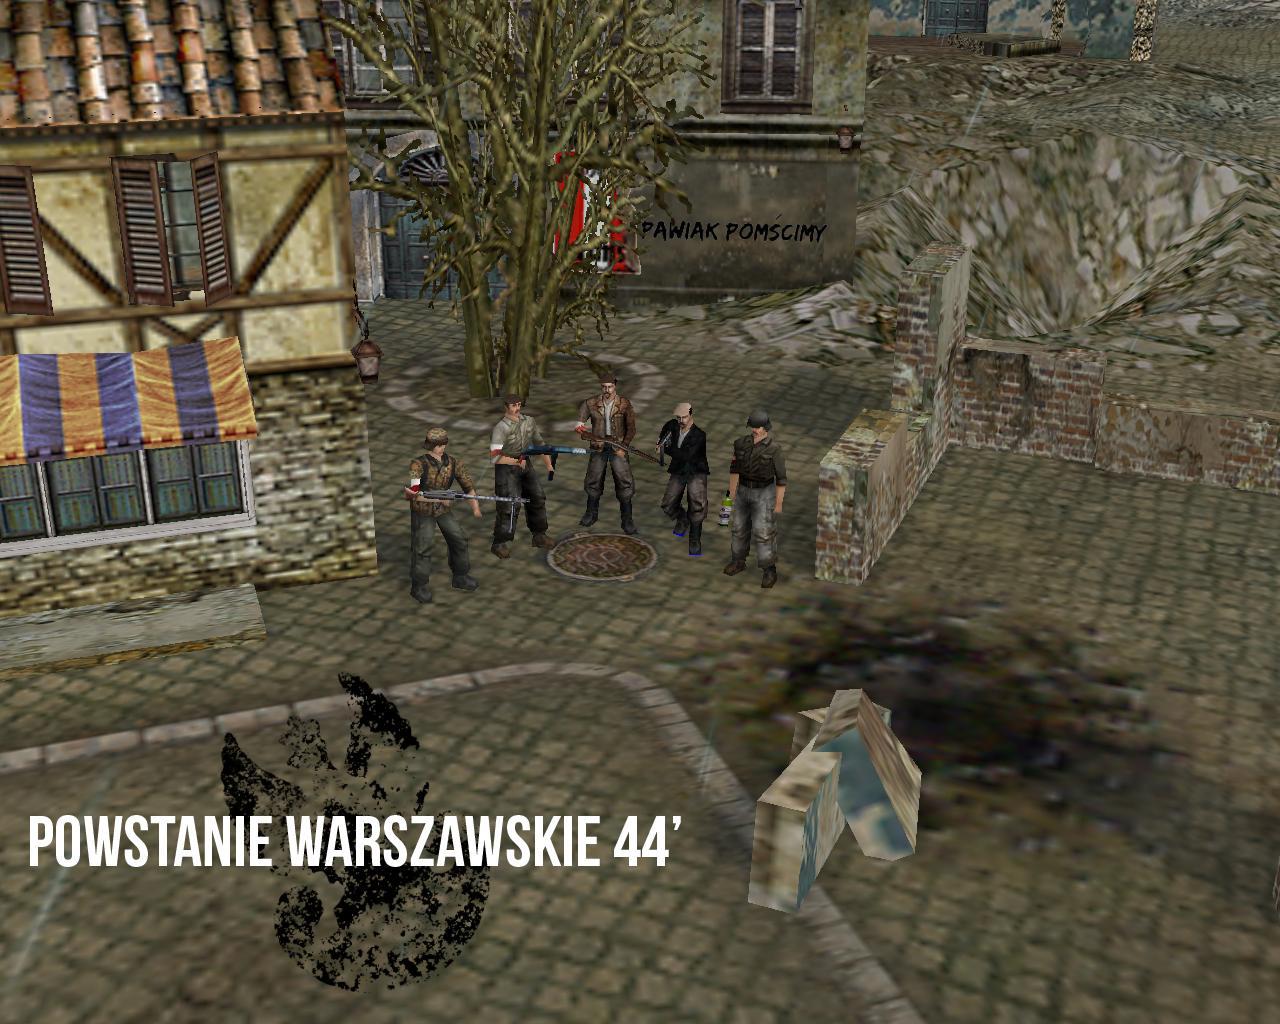 Скачать 3D модель Warsaw Uprising 1944 v1.1 (ENG)